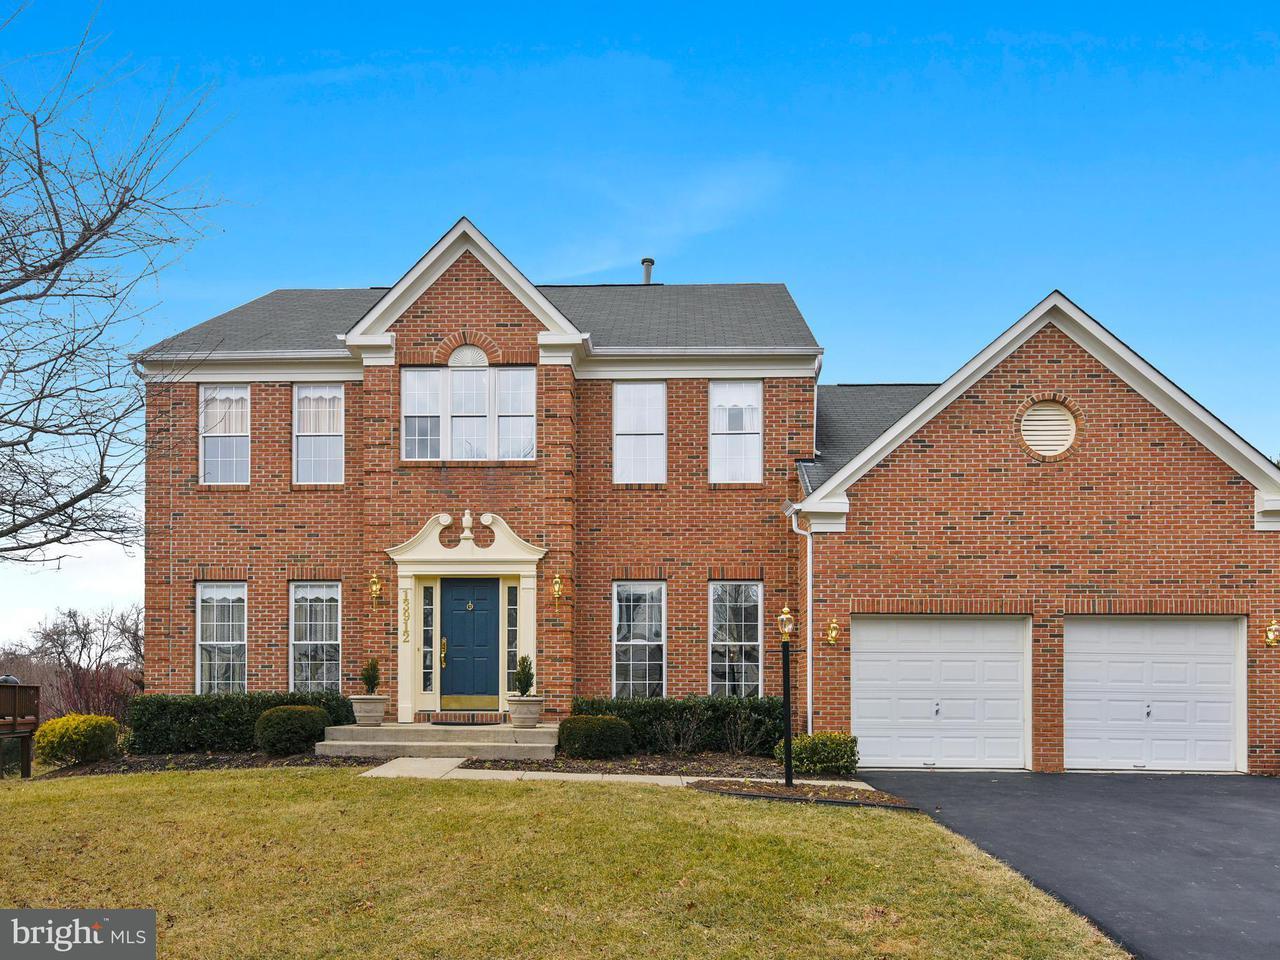 Частный односемейный дом для того Продажа на 13912 Falconcrest Road 13912 Falconcrest Road Germantown, Мэриленд 20874 Соединенные Штаты